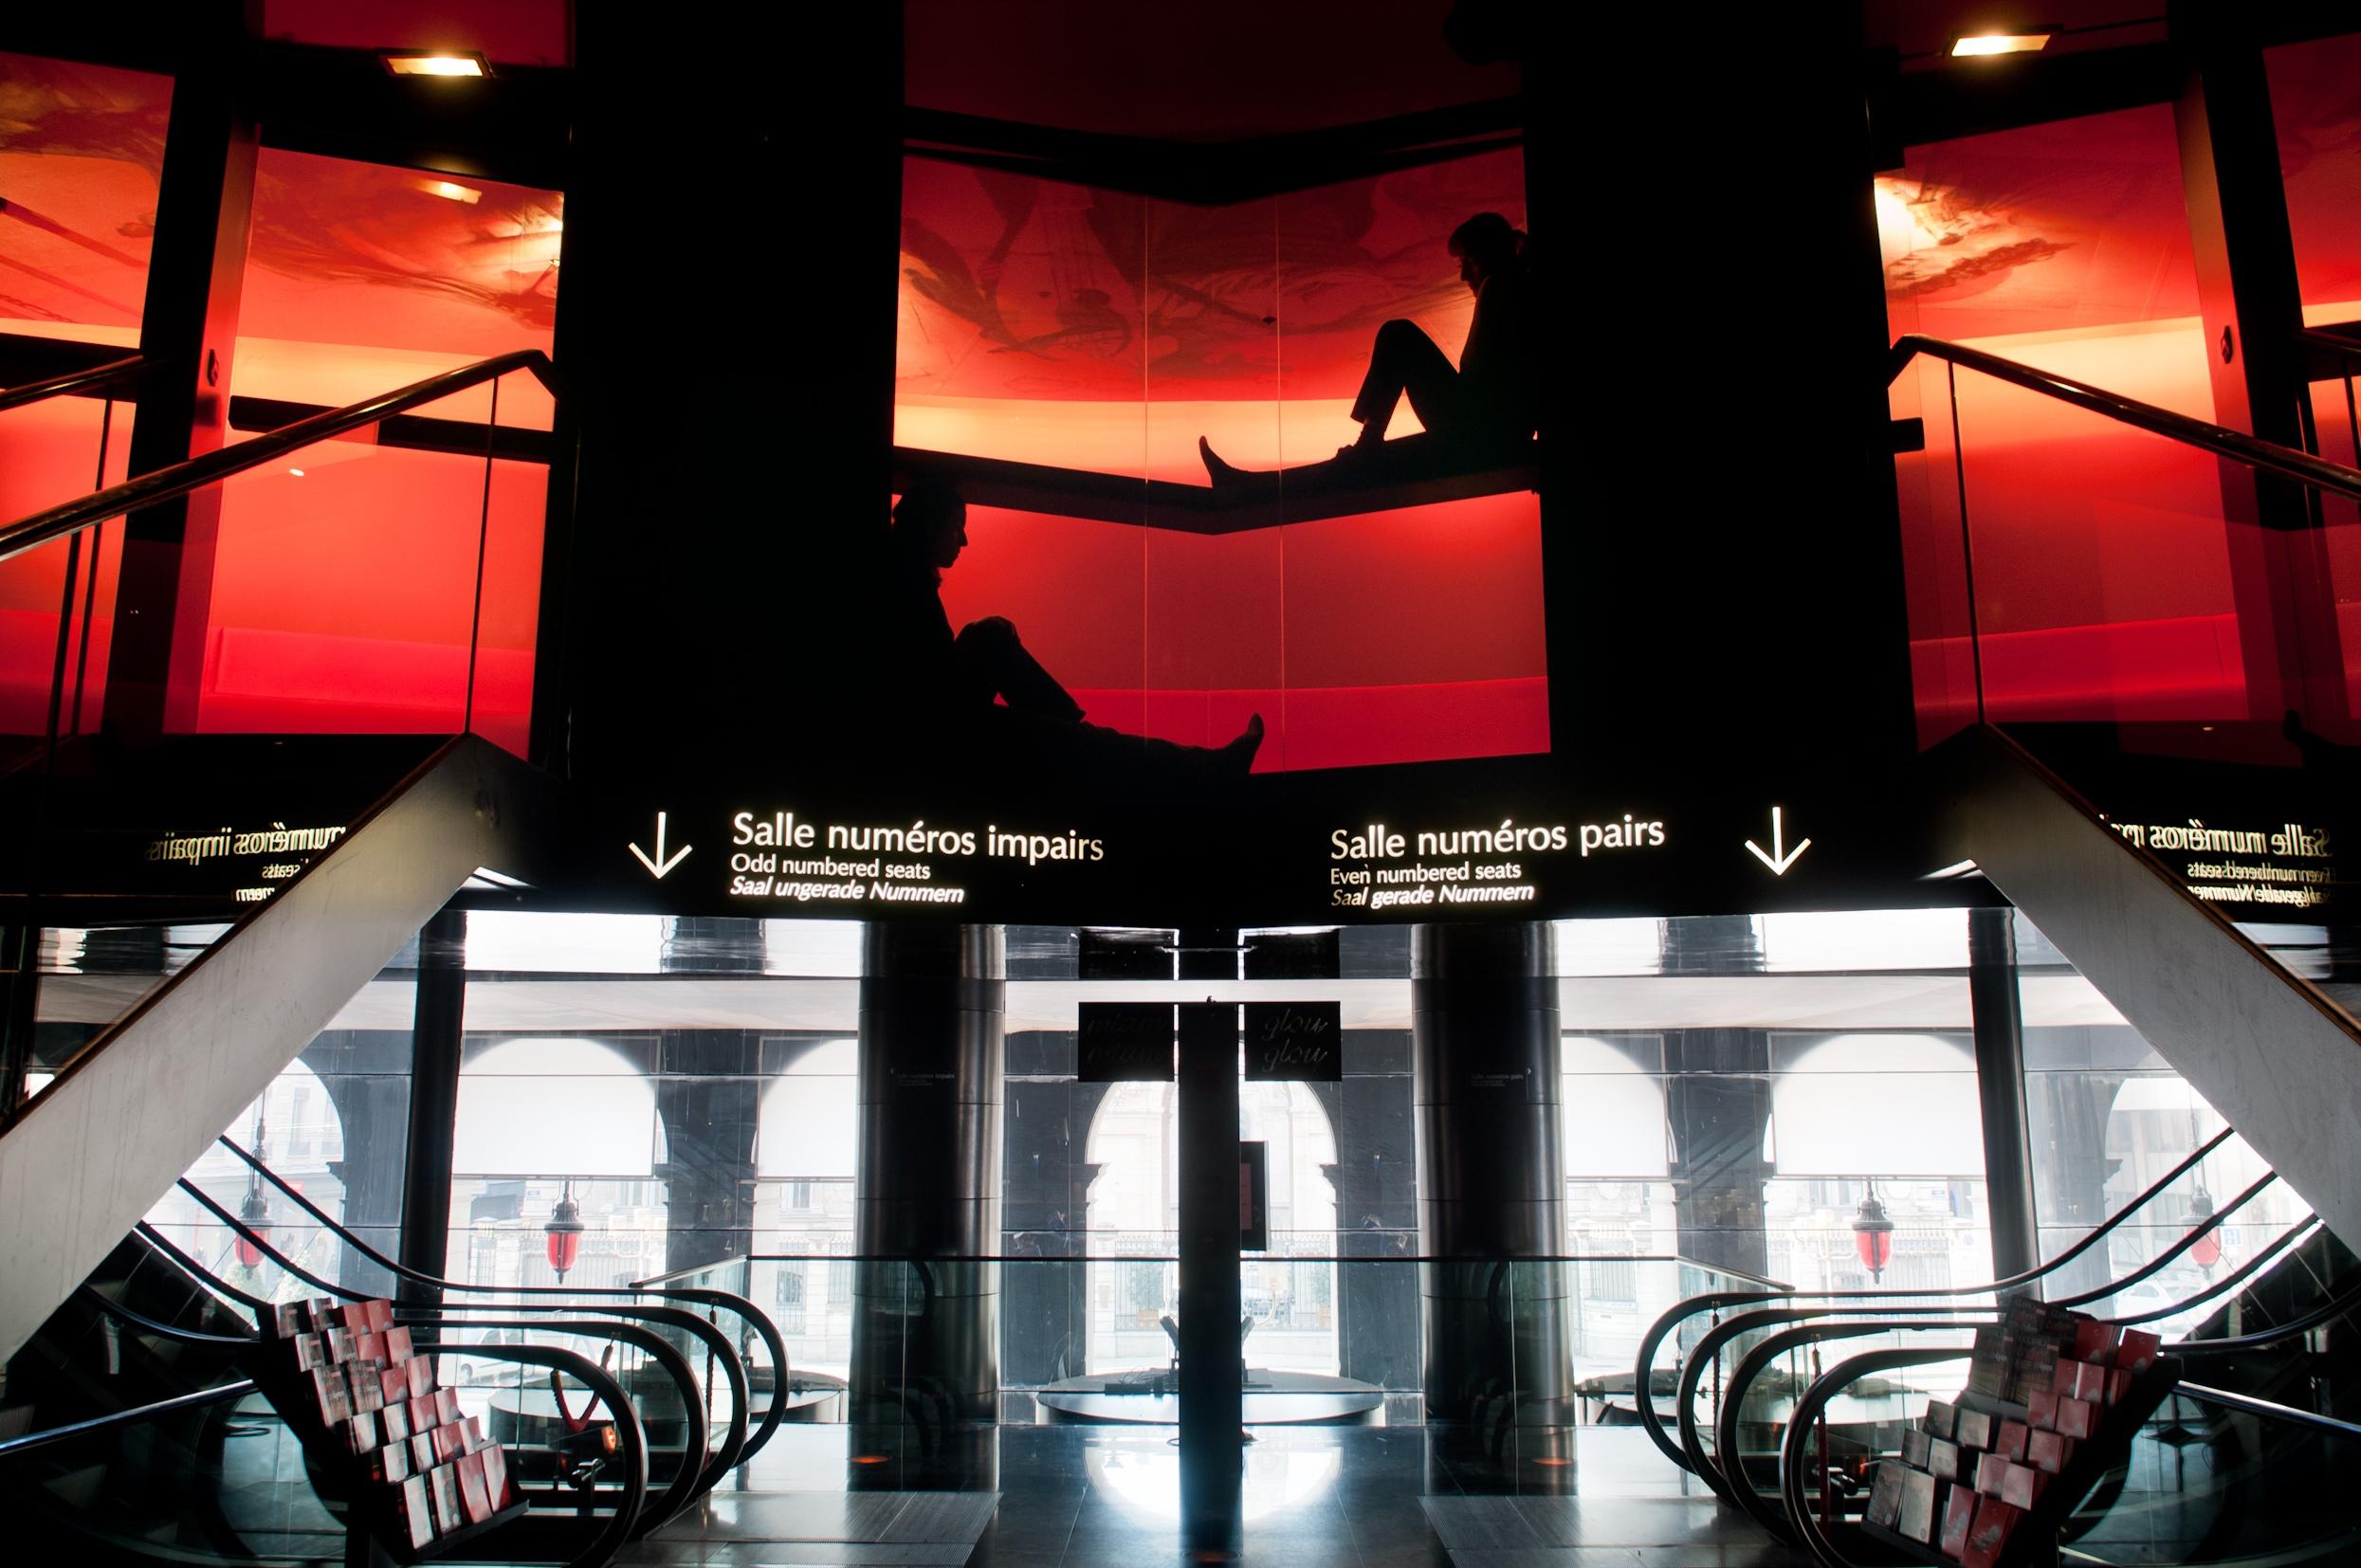 Biennale de la danse 2012 : Julie Desprairies nous invite à déambuler dans l'Opéra de Lyon